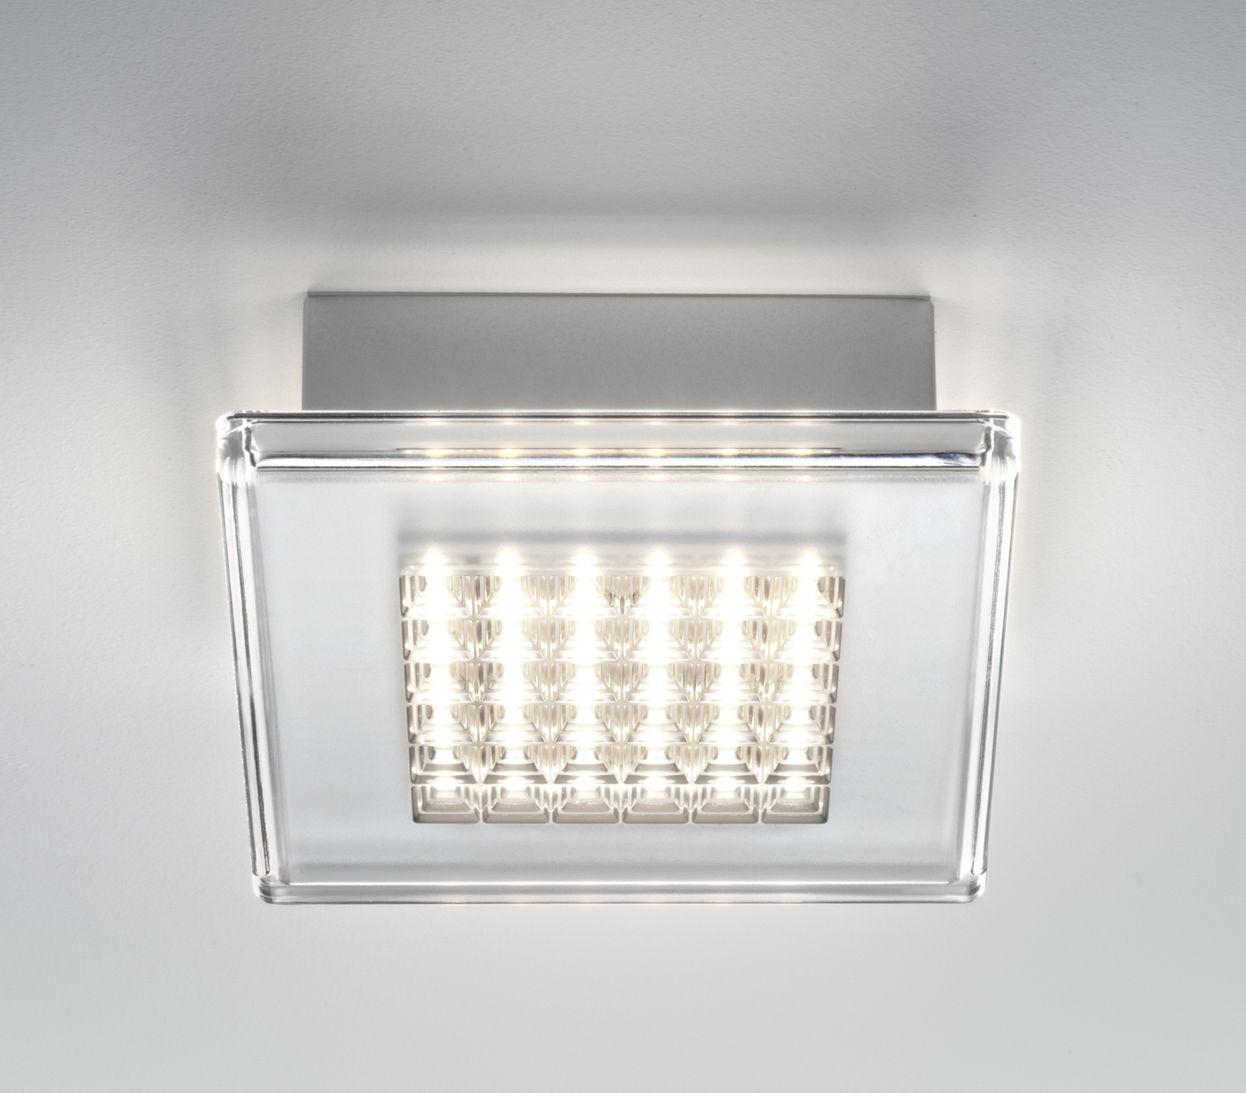 Luminaire - Appliques - Applique Quadriled LED / Plafonnier - 16 x 16 cm - Fabbian - Transparent - Polycarbonate